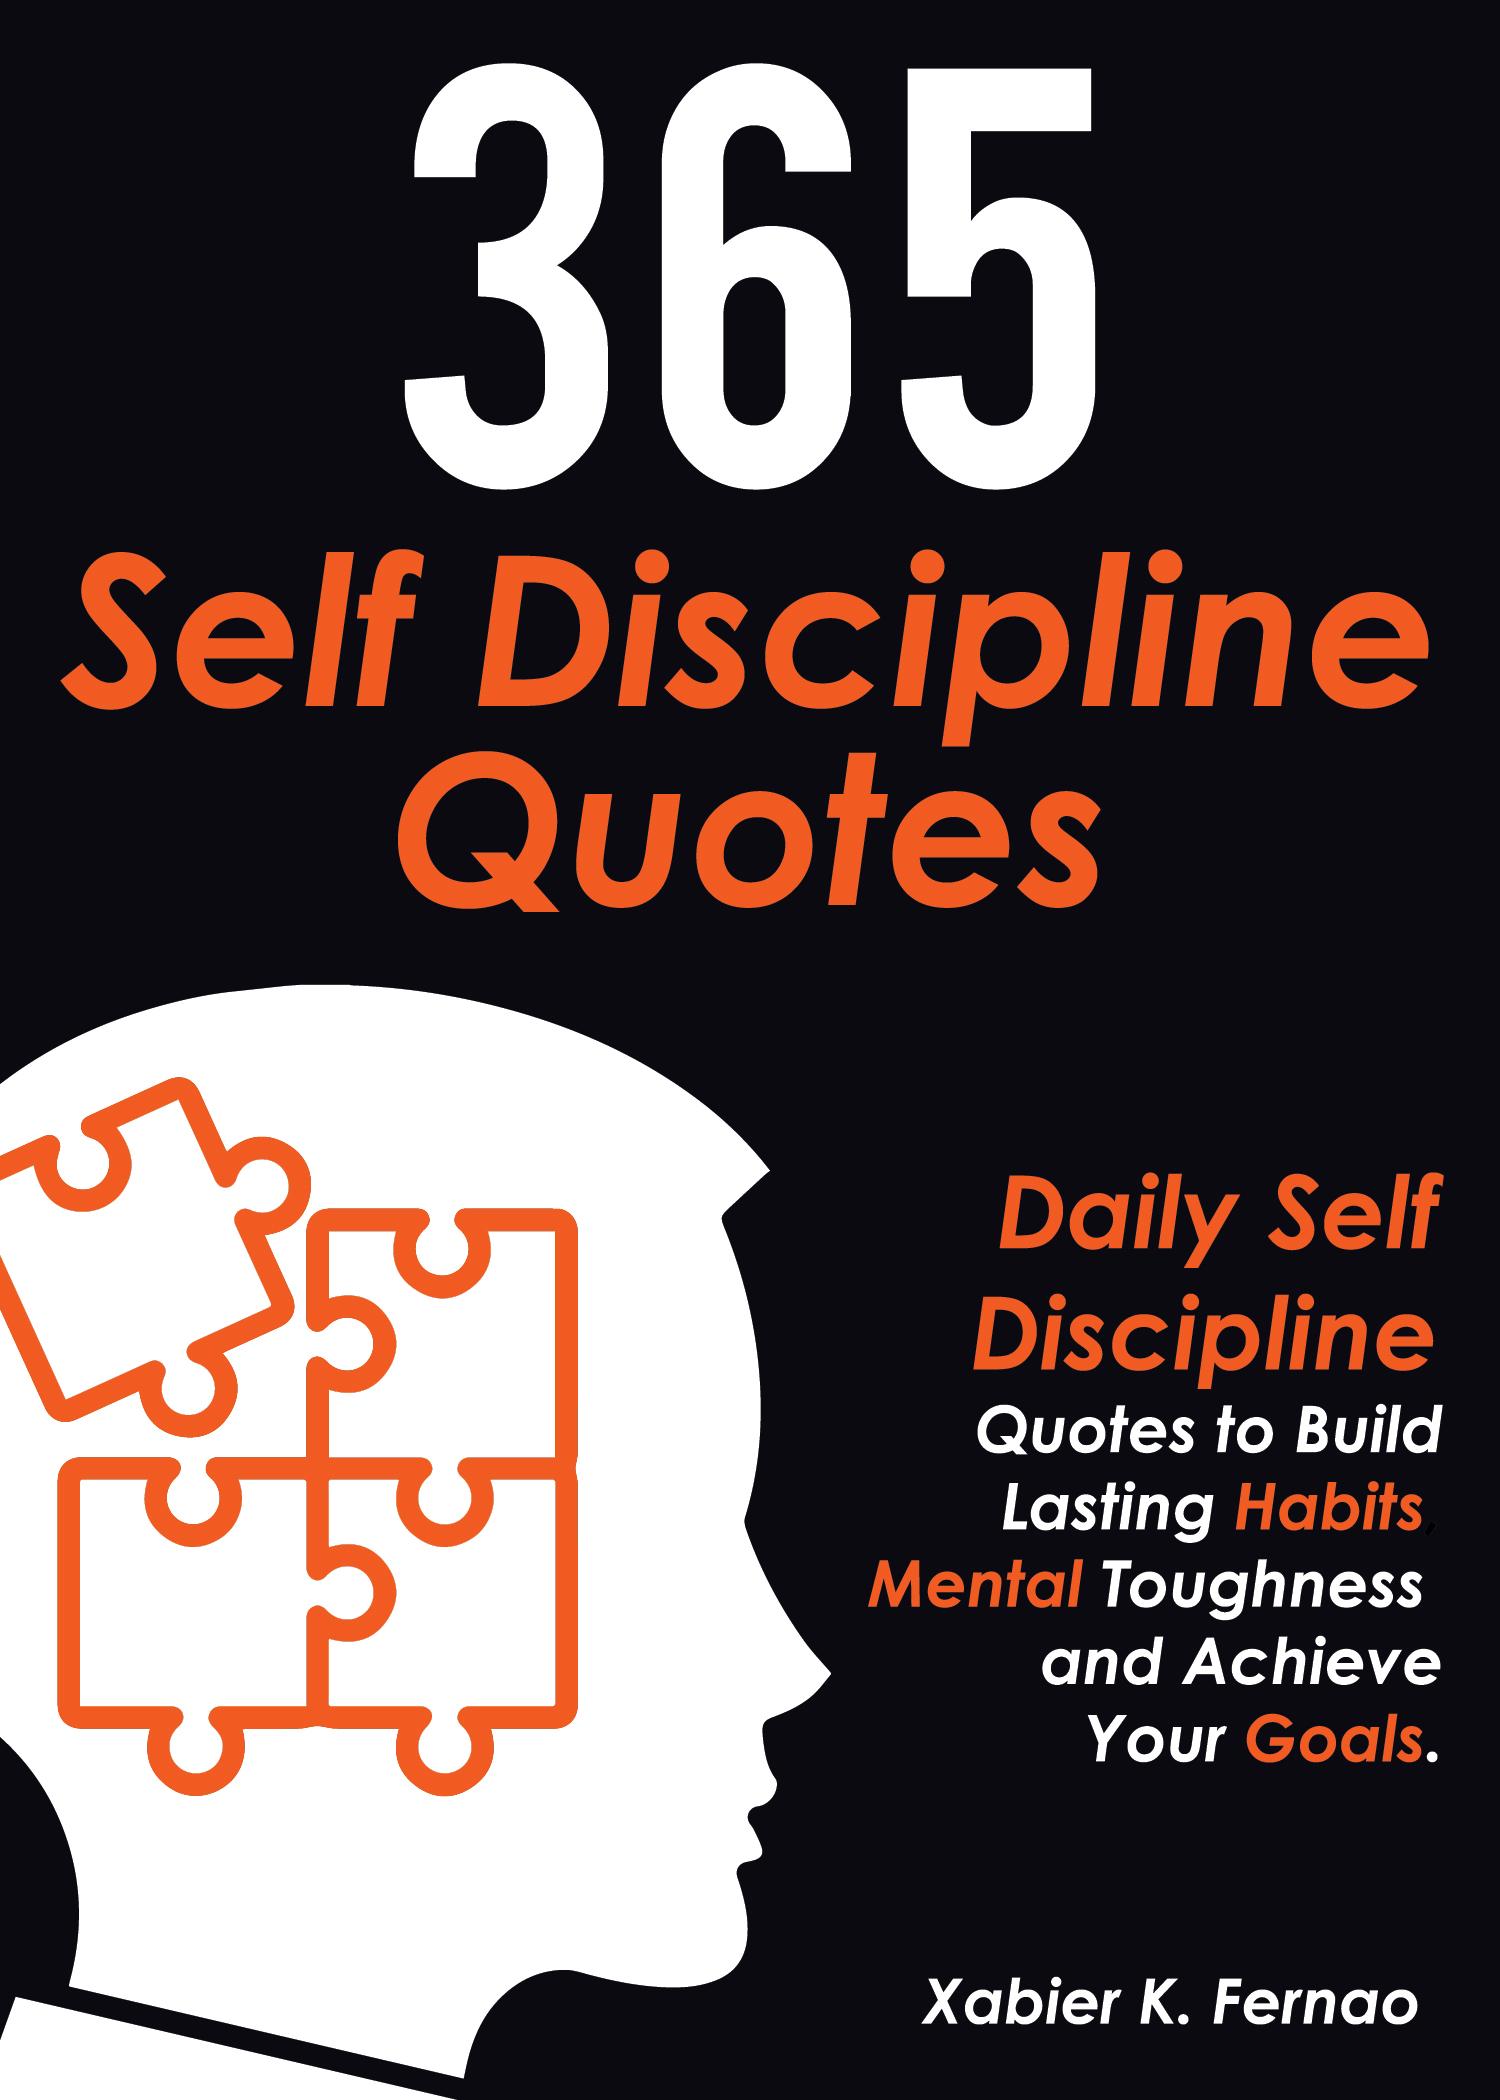 365 self discipline quotes